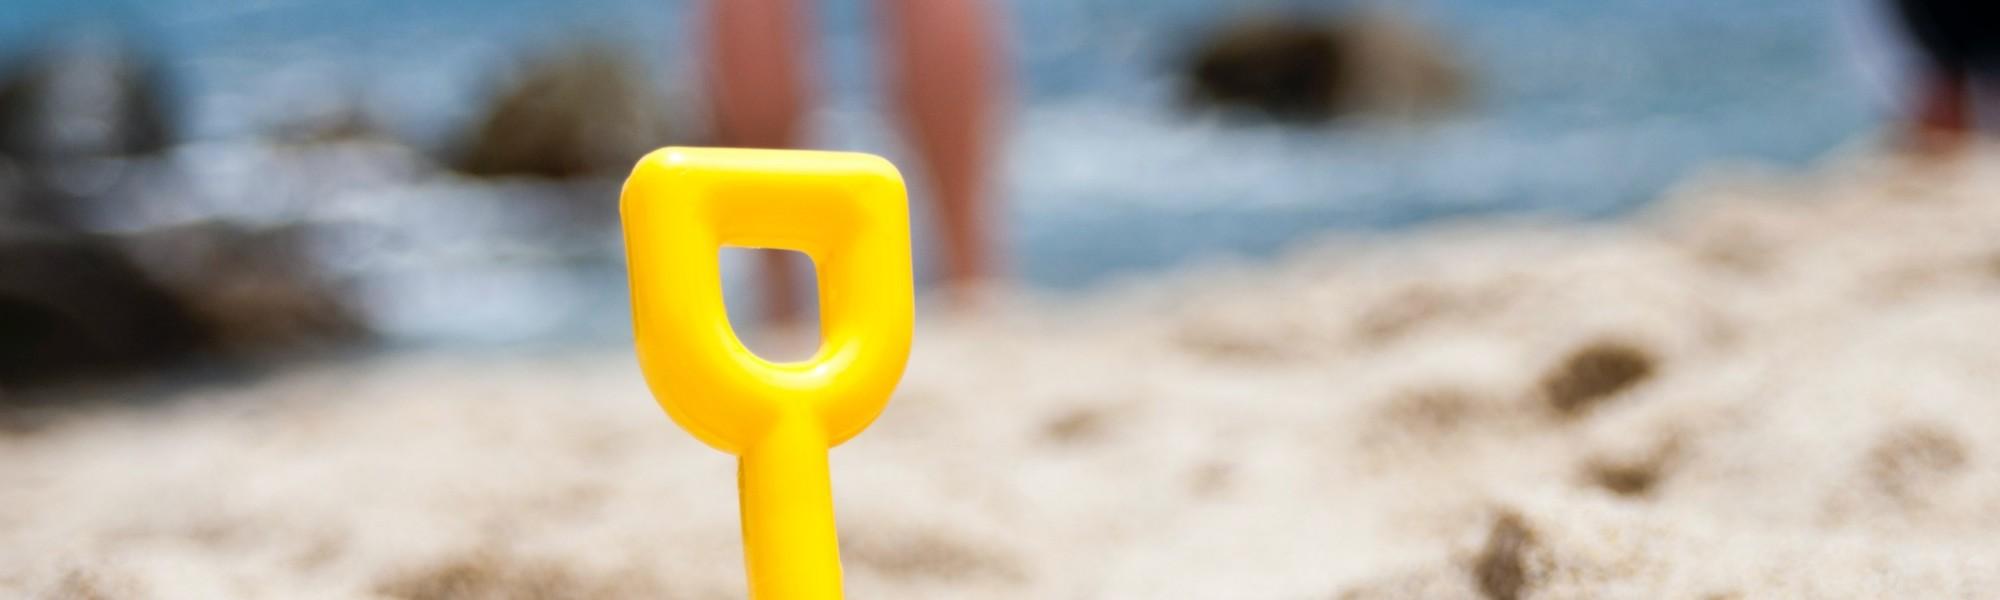 Kuvassa on keltainen muovilapio pystyssä rantahiekassa.